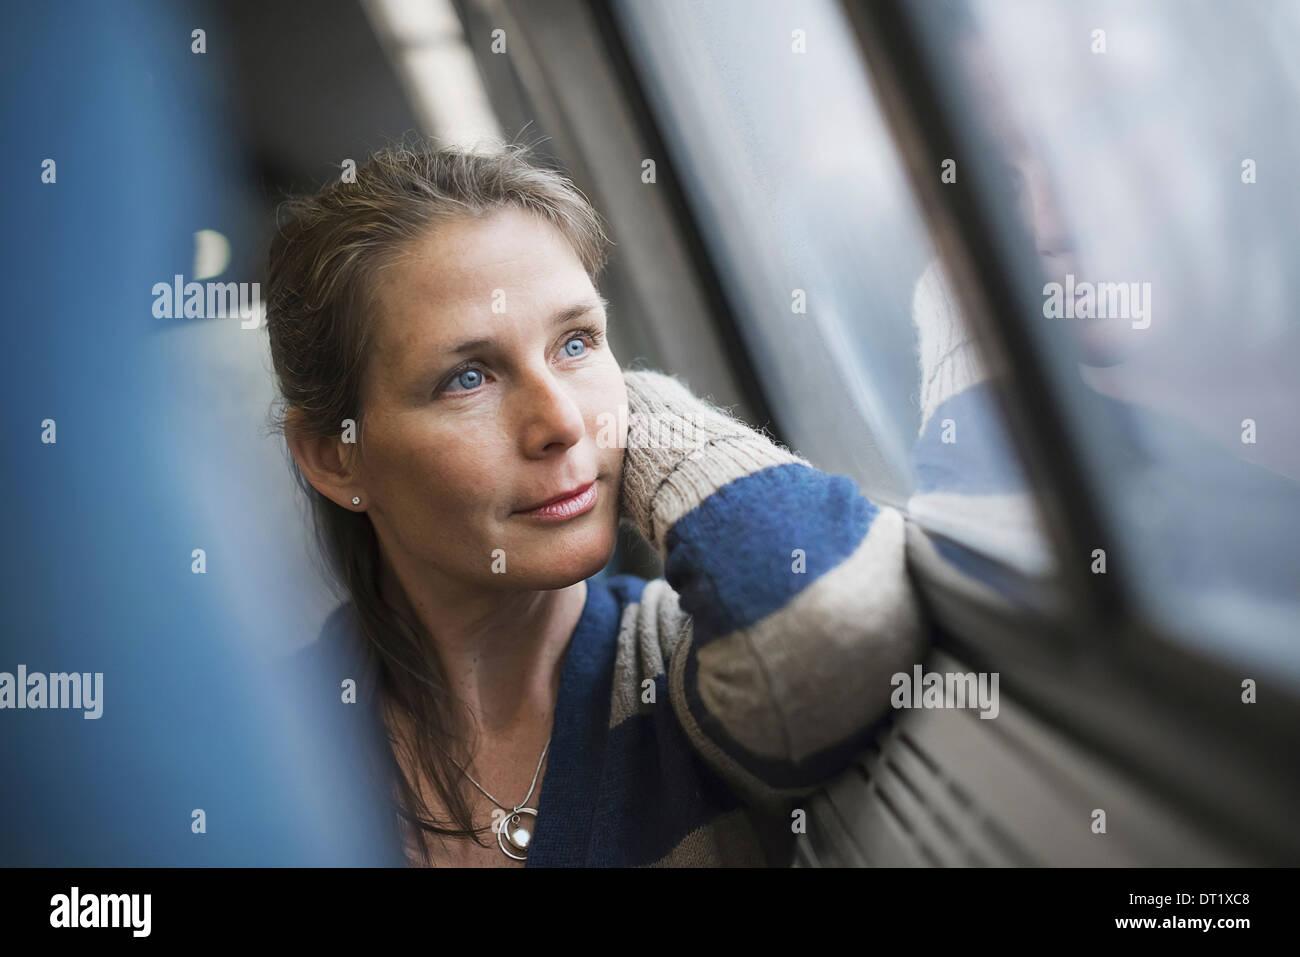 Eine Frau sitzt an einem Fensterplatz in einem Zug Wagen ihren Kopf auf ihre Hand ruht Blick in die Ferne Stockbild